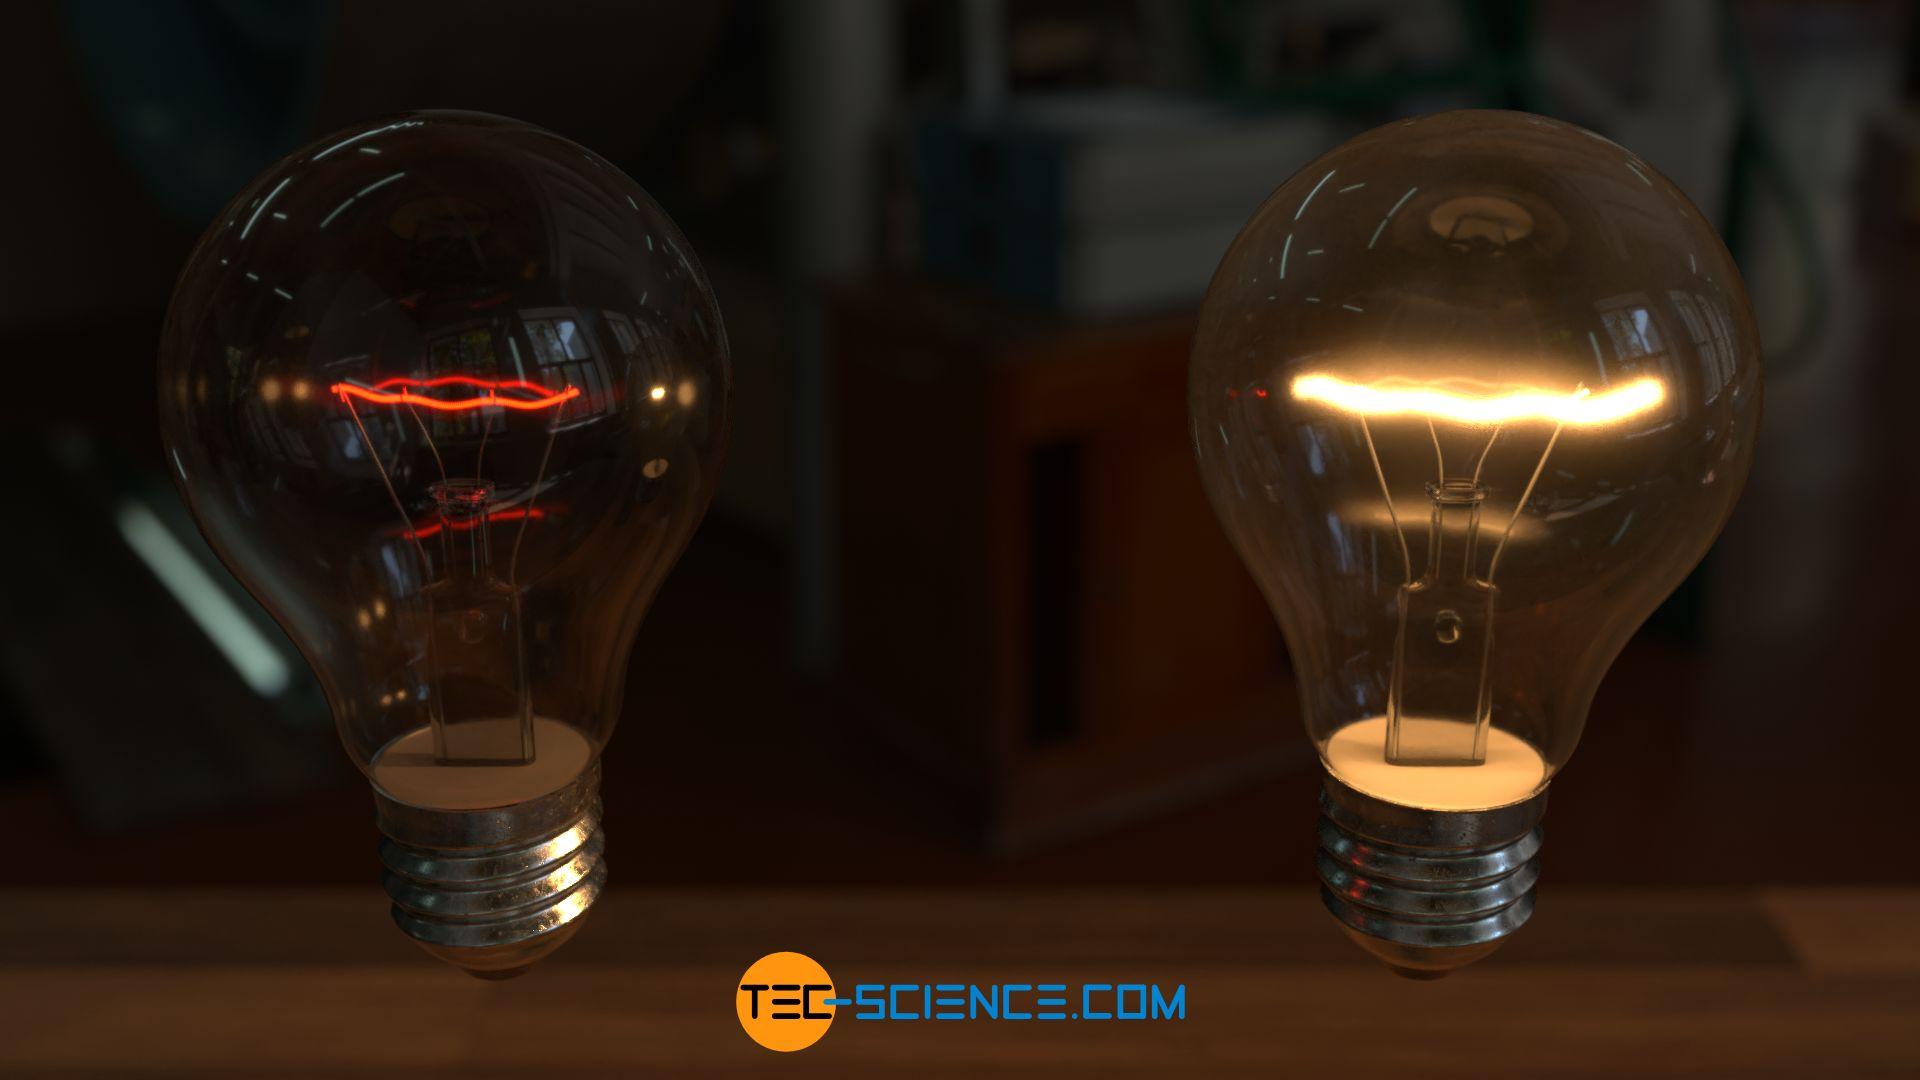 Thermische Strahlung einer Glühbirne bei unterschiedlichen Temperaturen